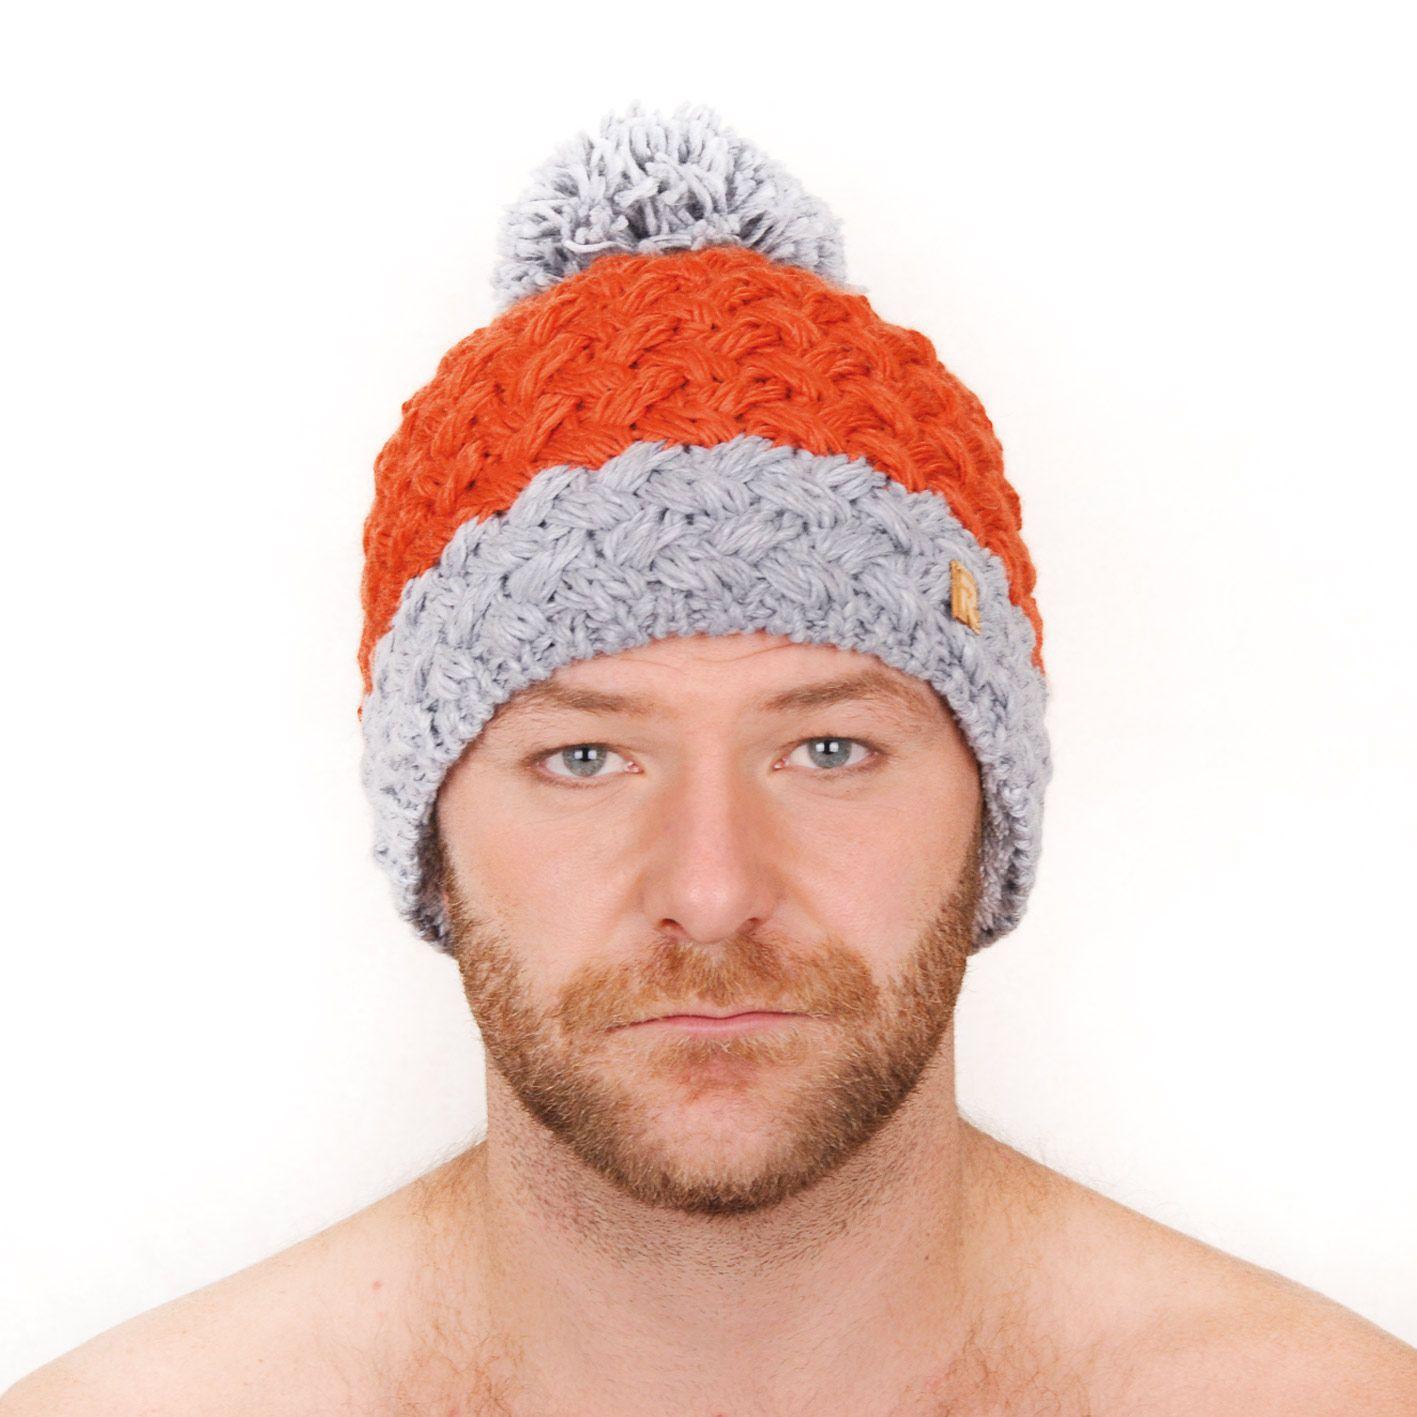 d0b2b15783 modele tricot bonnet a pompon homme ...